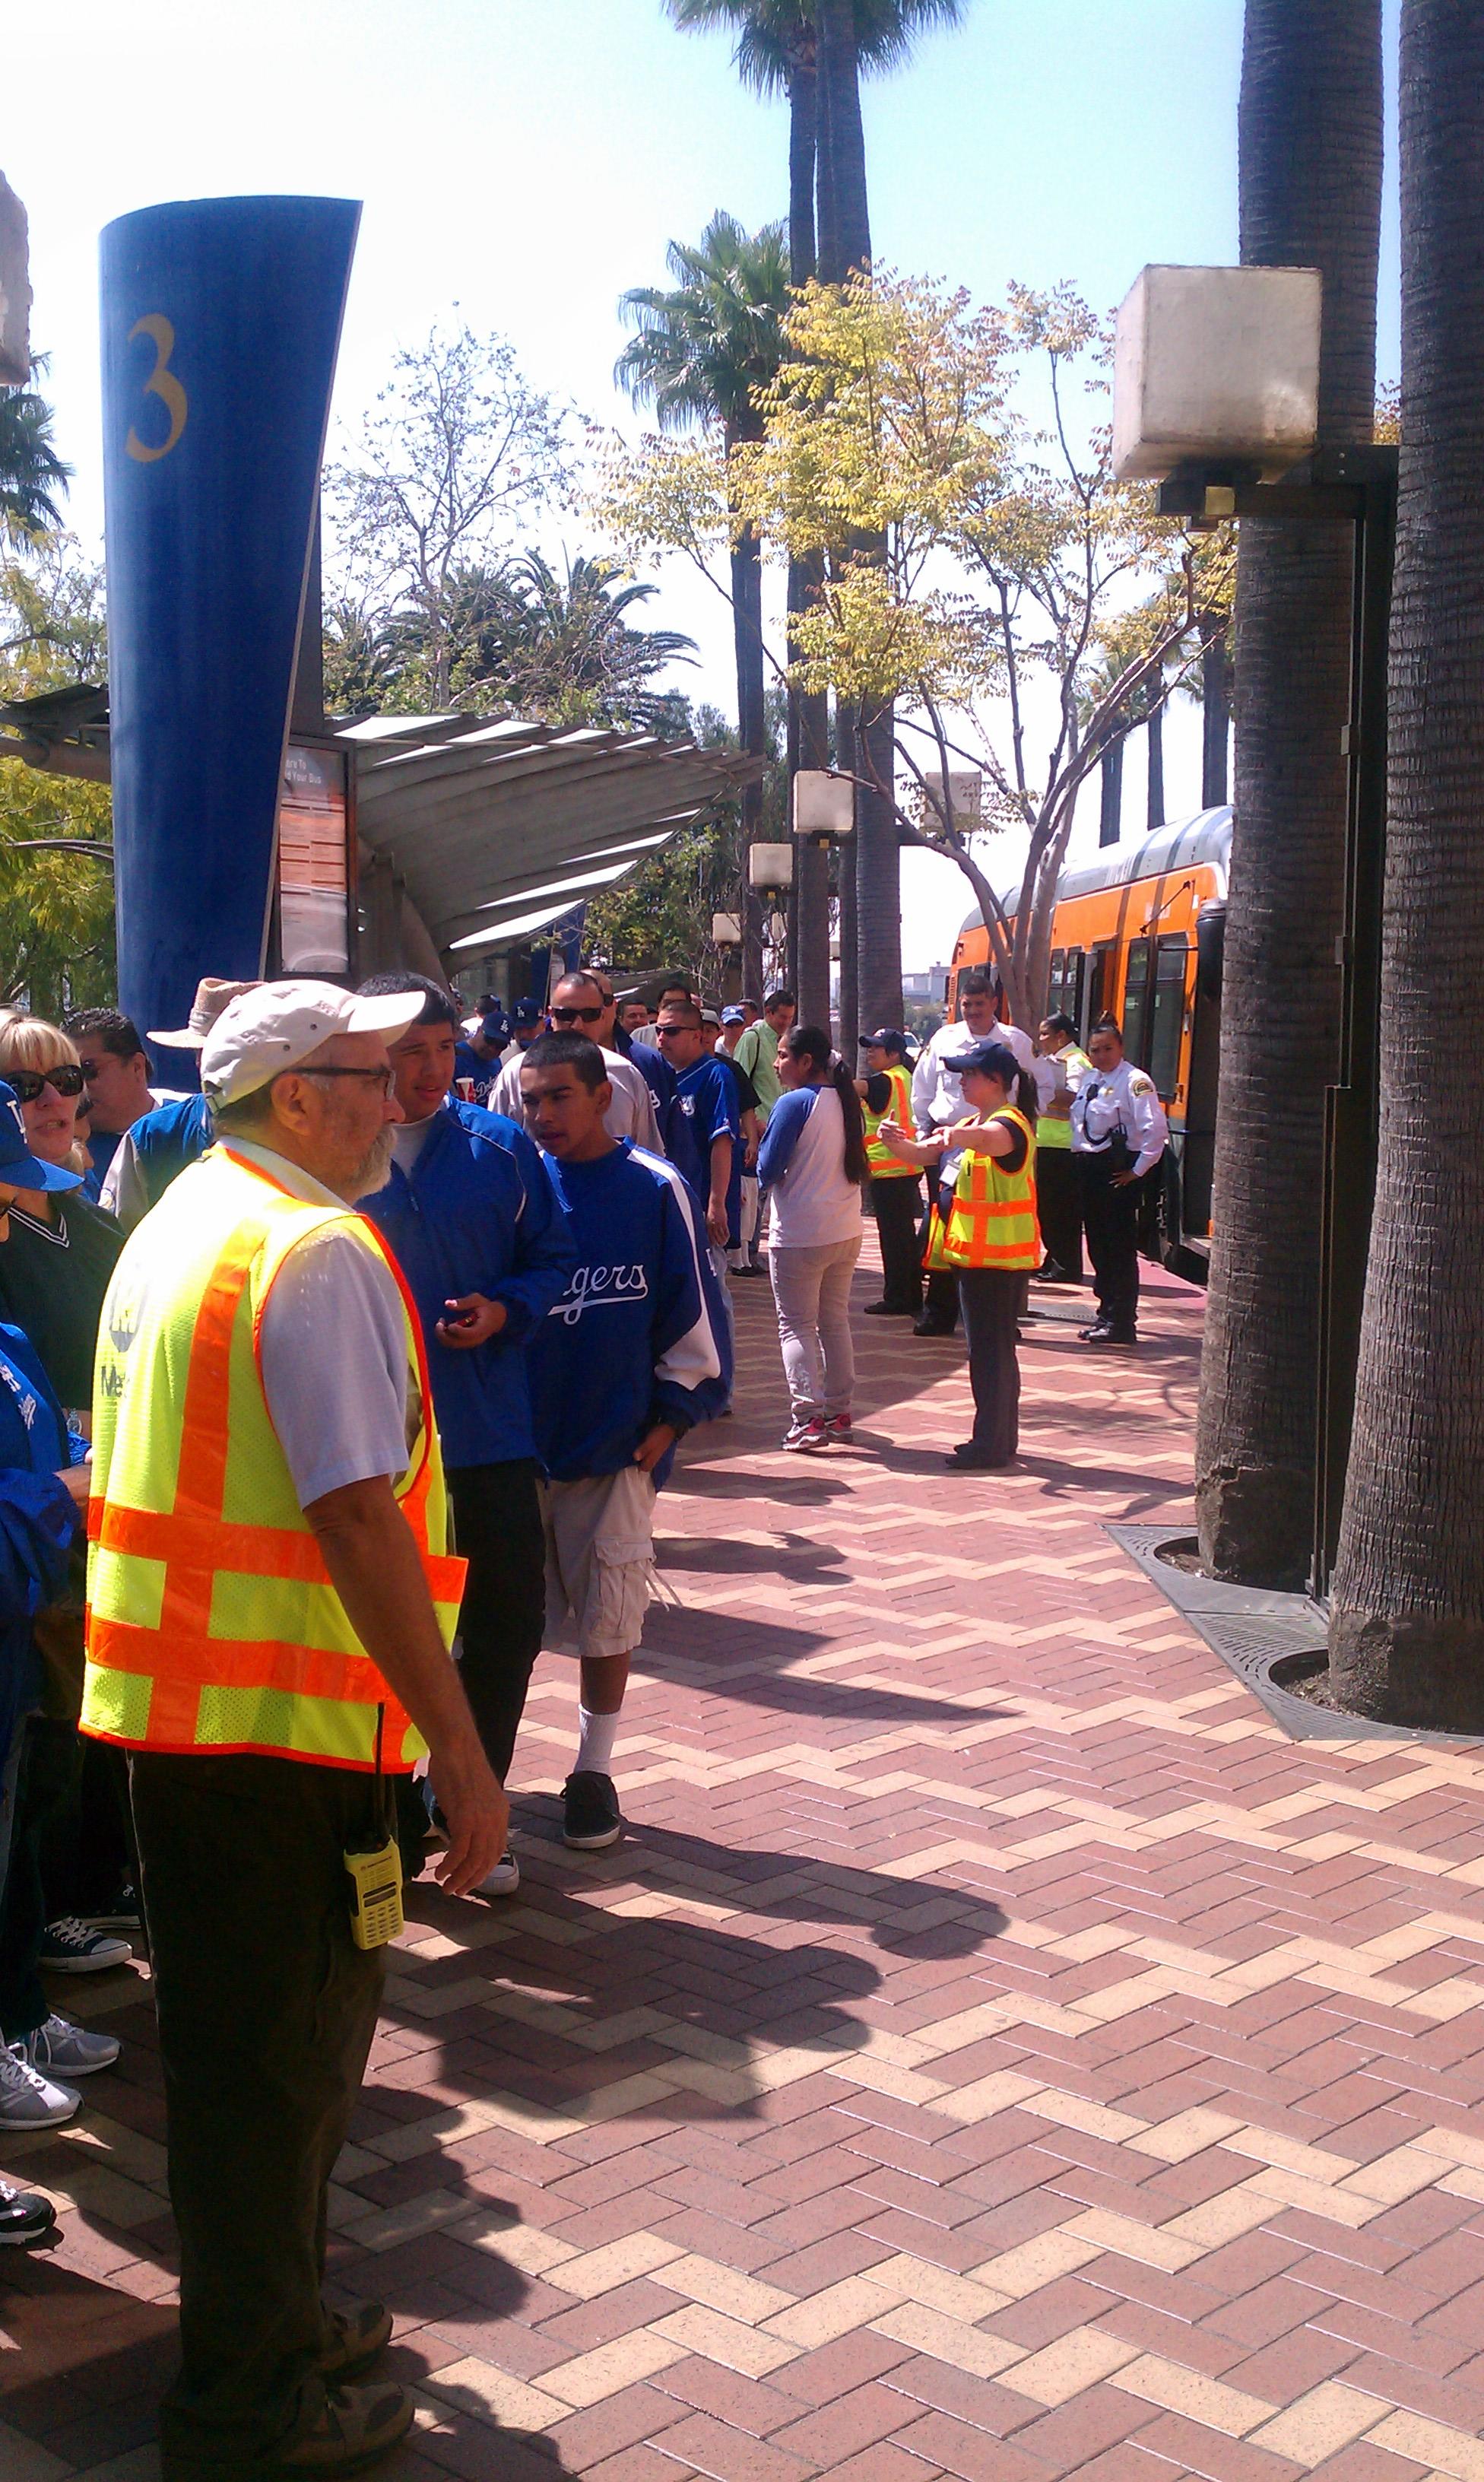 Cientos de aficionados al béisbol aprovecharon el servicio de Dodger Express para viajar al juego inaugural de los Dodgers. (Foto Rick Jager/El Pasajero).